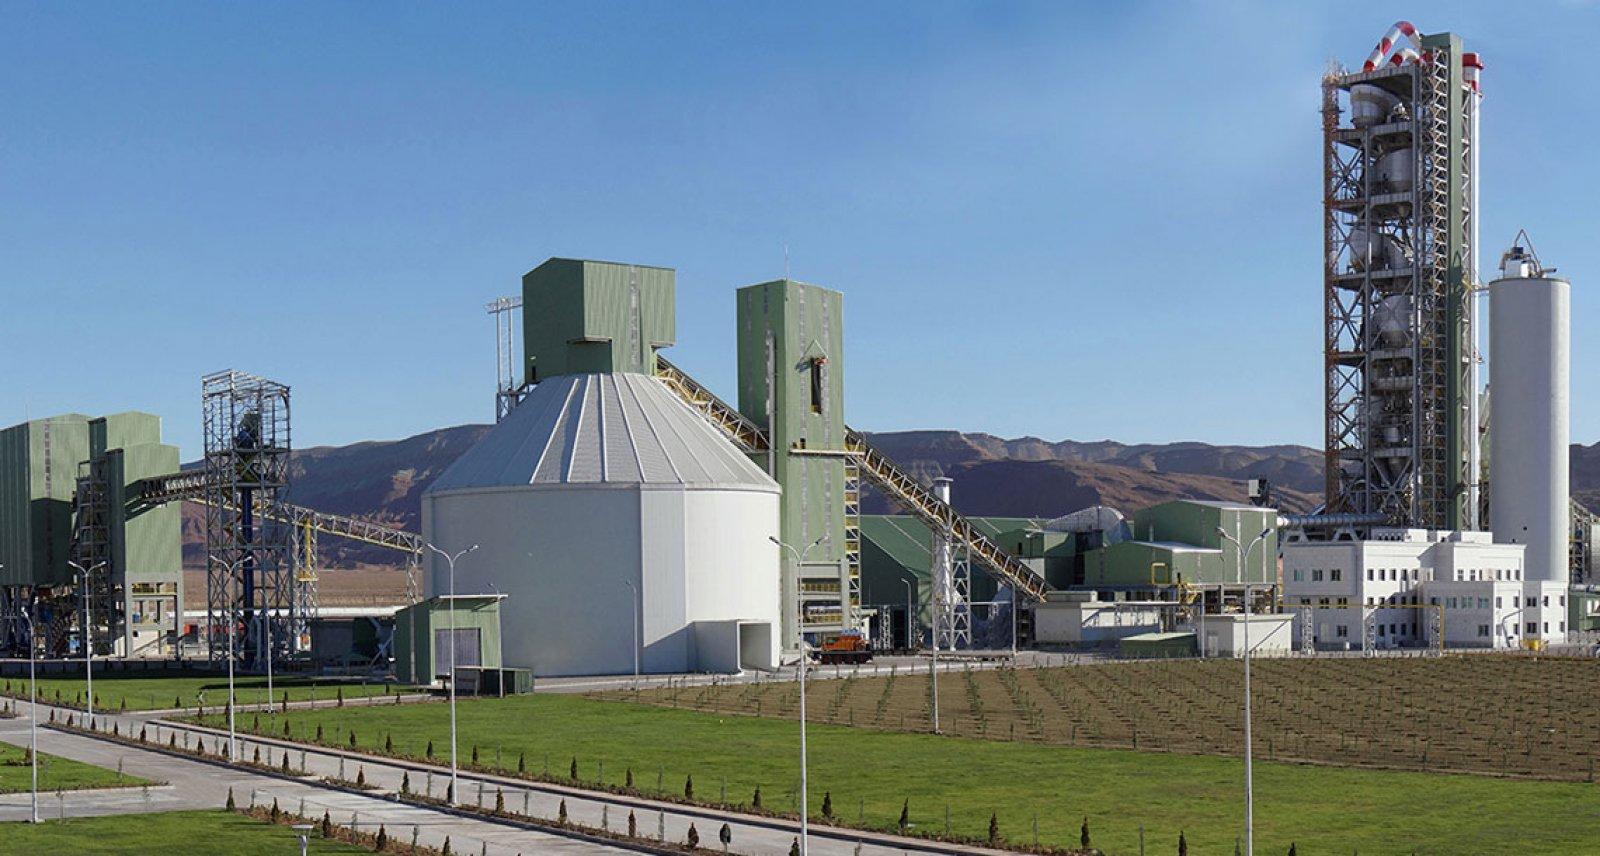 Lebap Çimento Fabrikası, Türkmenistan